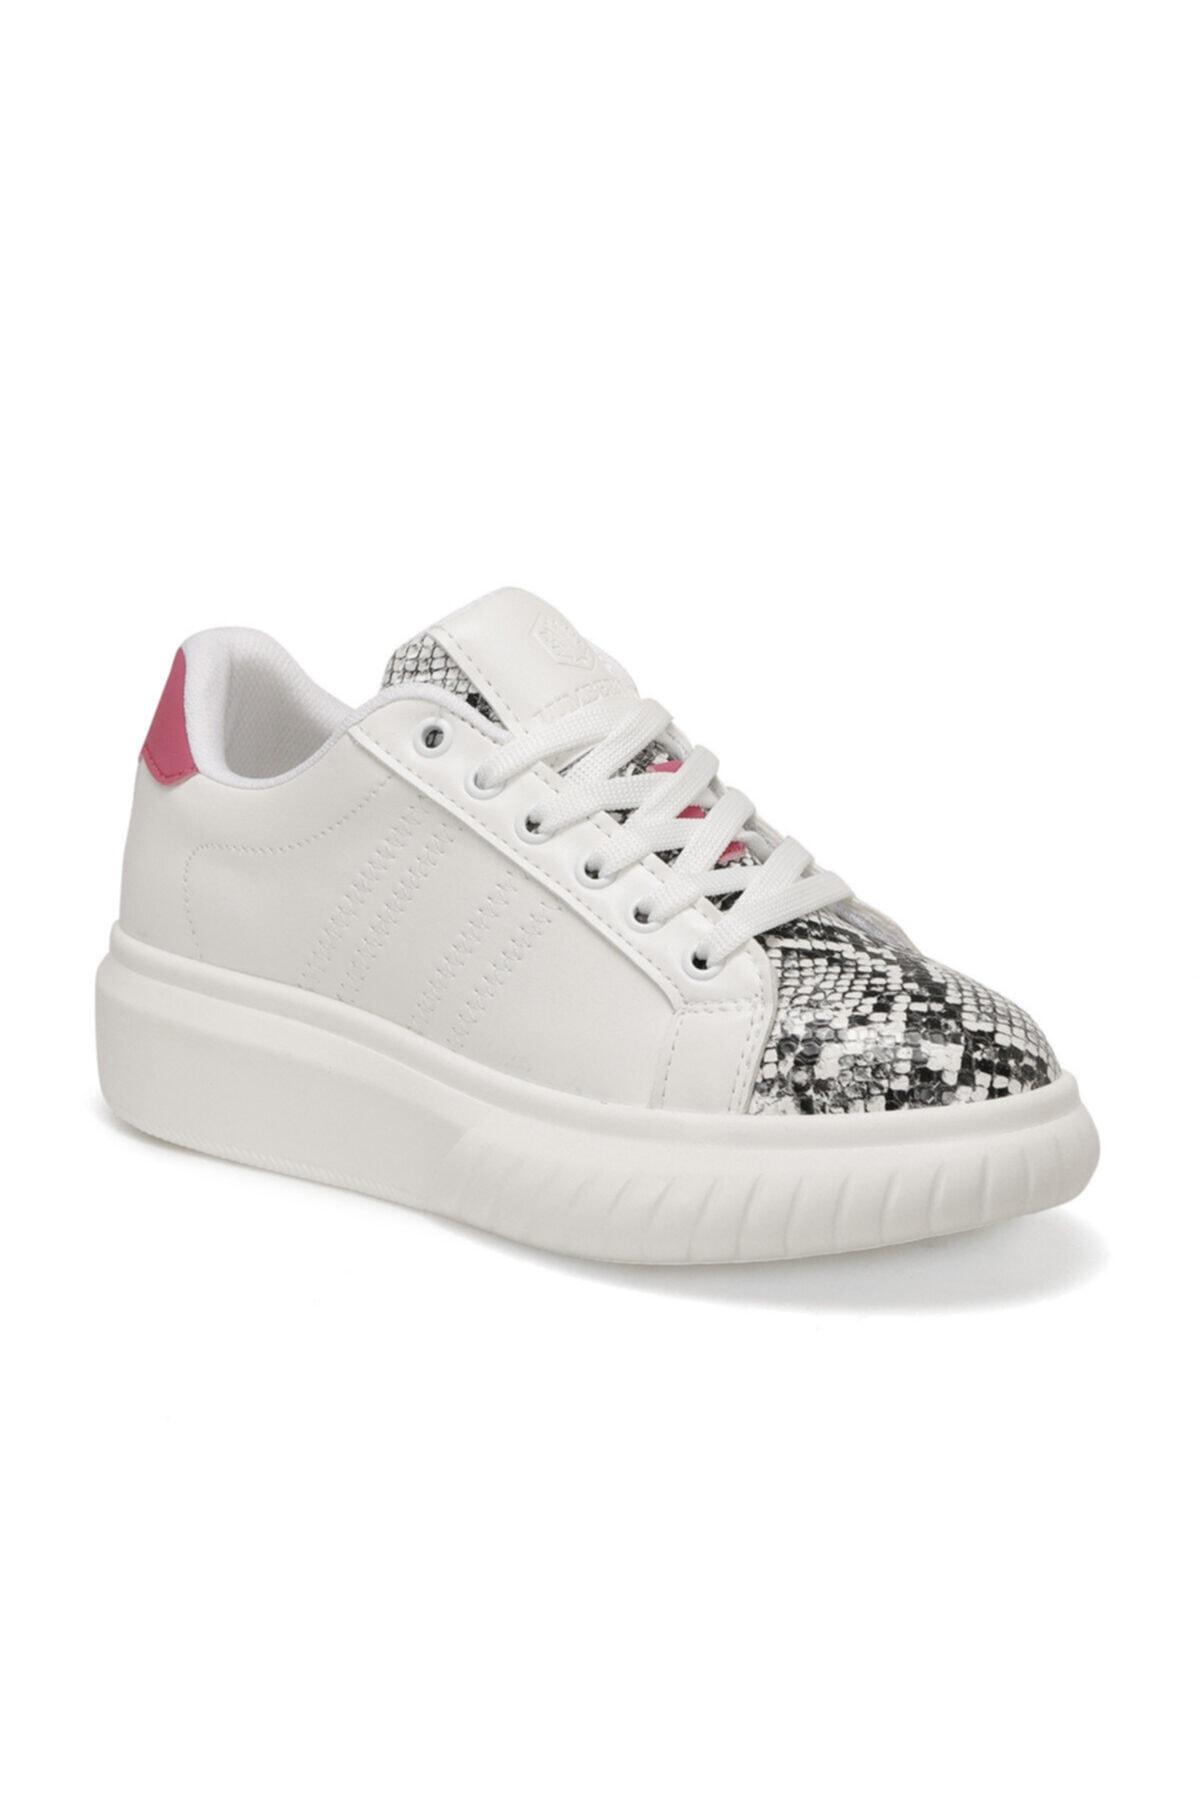 lumberjack ELENI Beyaz Kadın Sneaker Ayakkabı 100579346 1